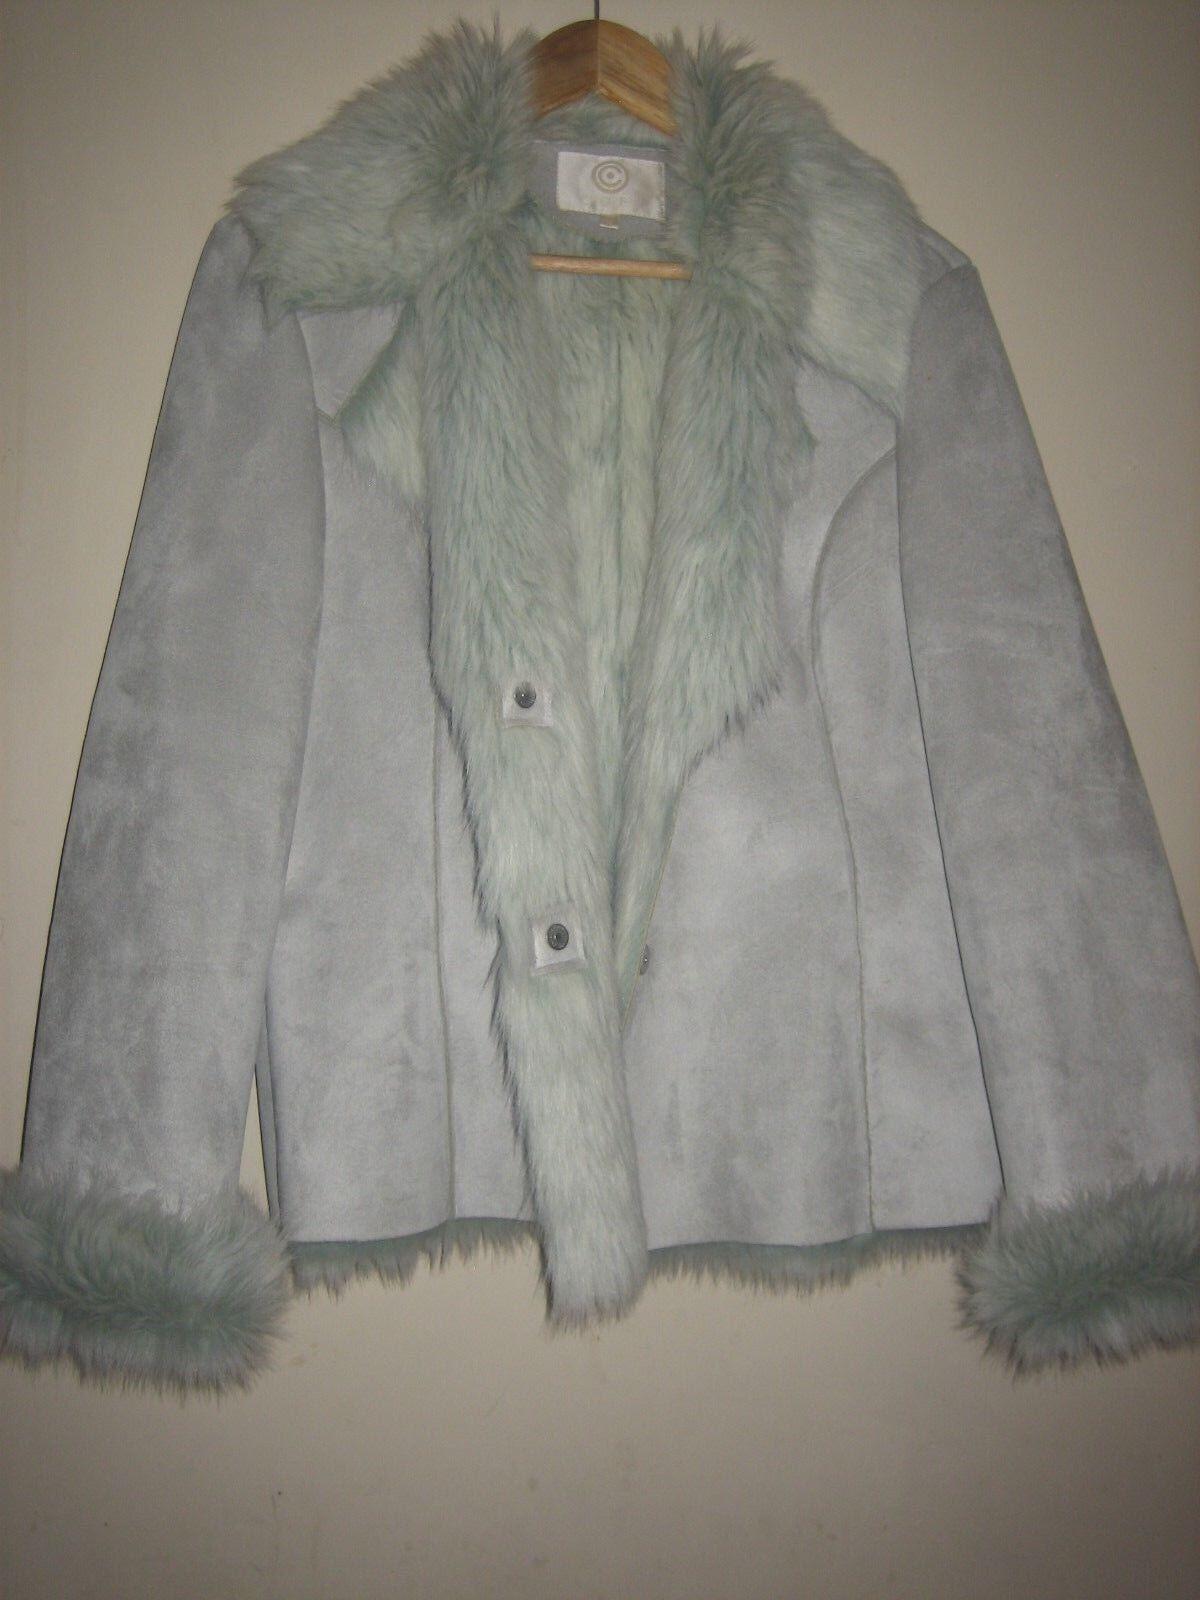 A PALE GREY blueE VINTAGE COFI SUEDE & FAUX FUR COAT SIZE 18  PIT-PIT APPROX 22